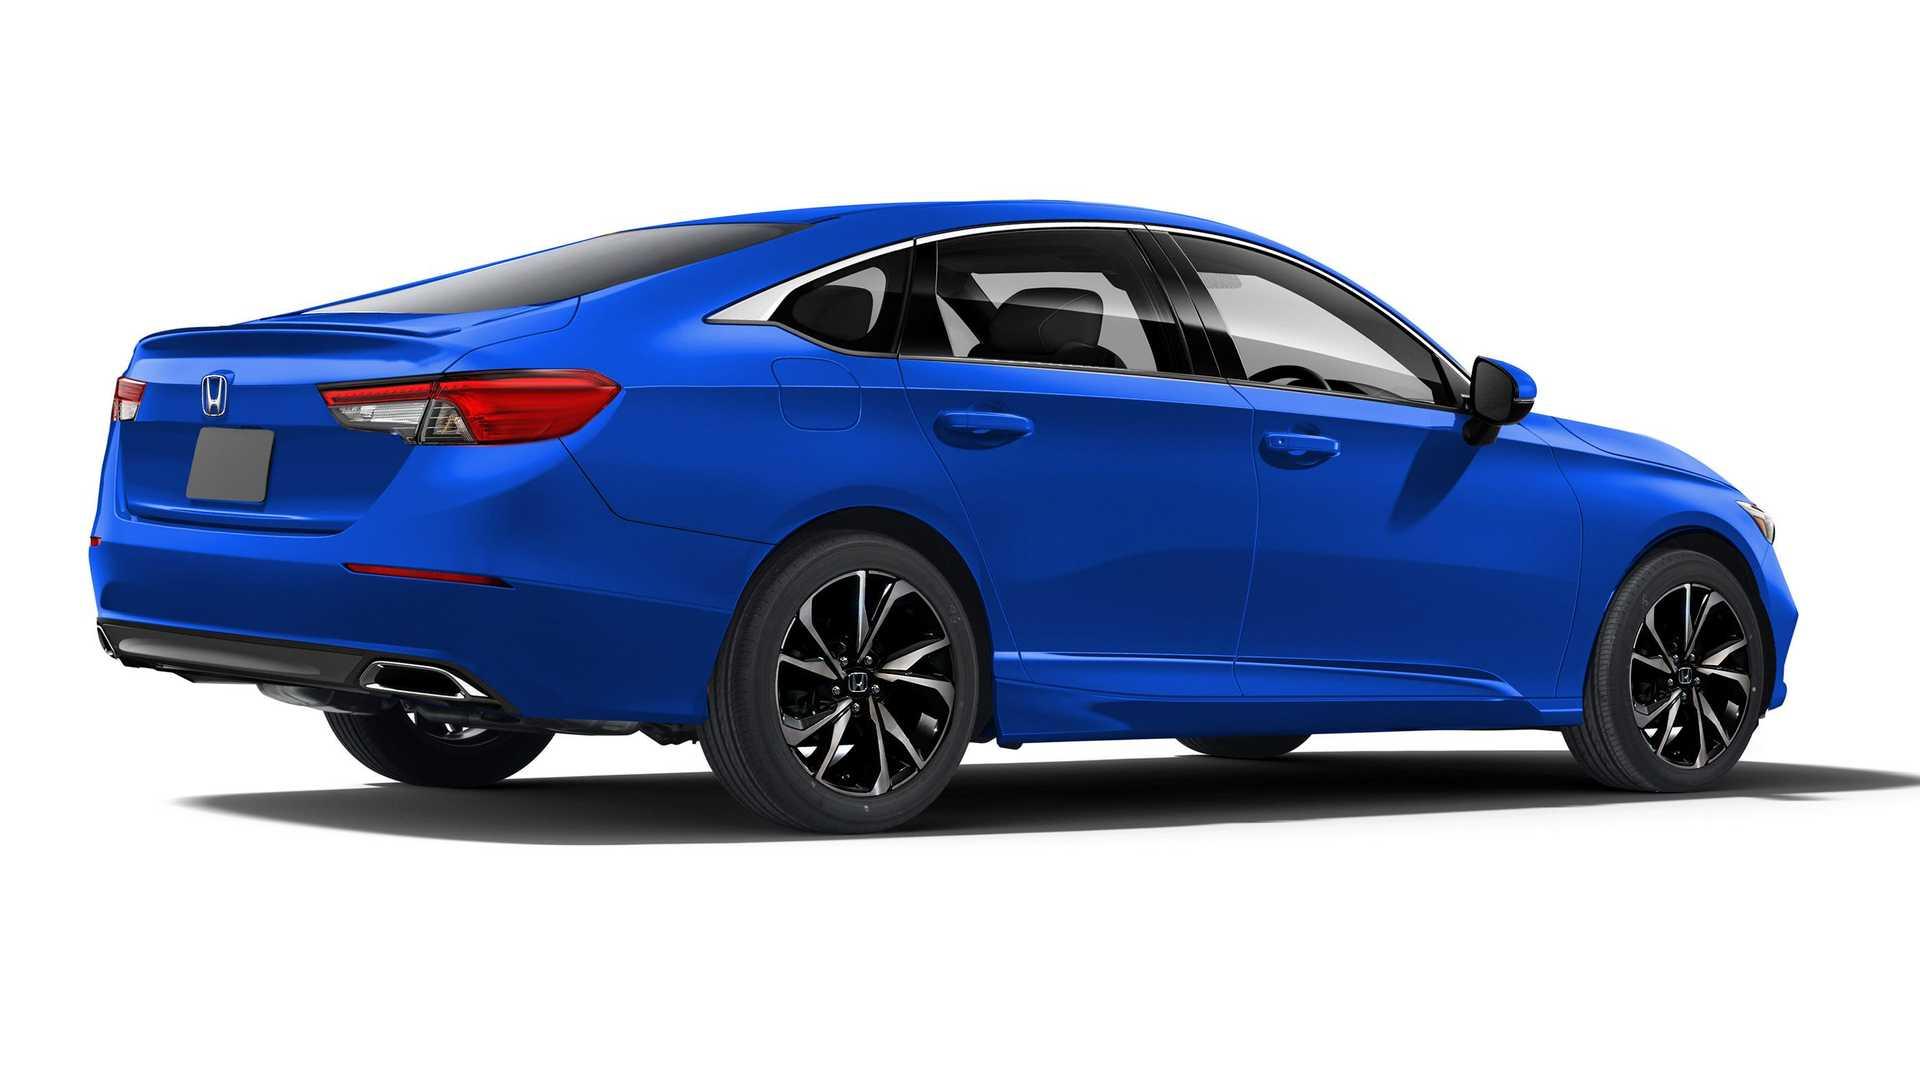 2022-honda-civic-sedan-rendering-rear